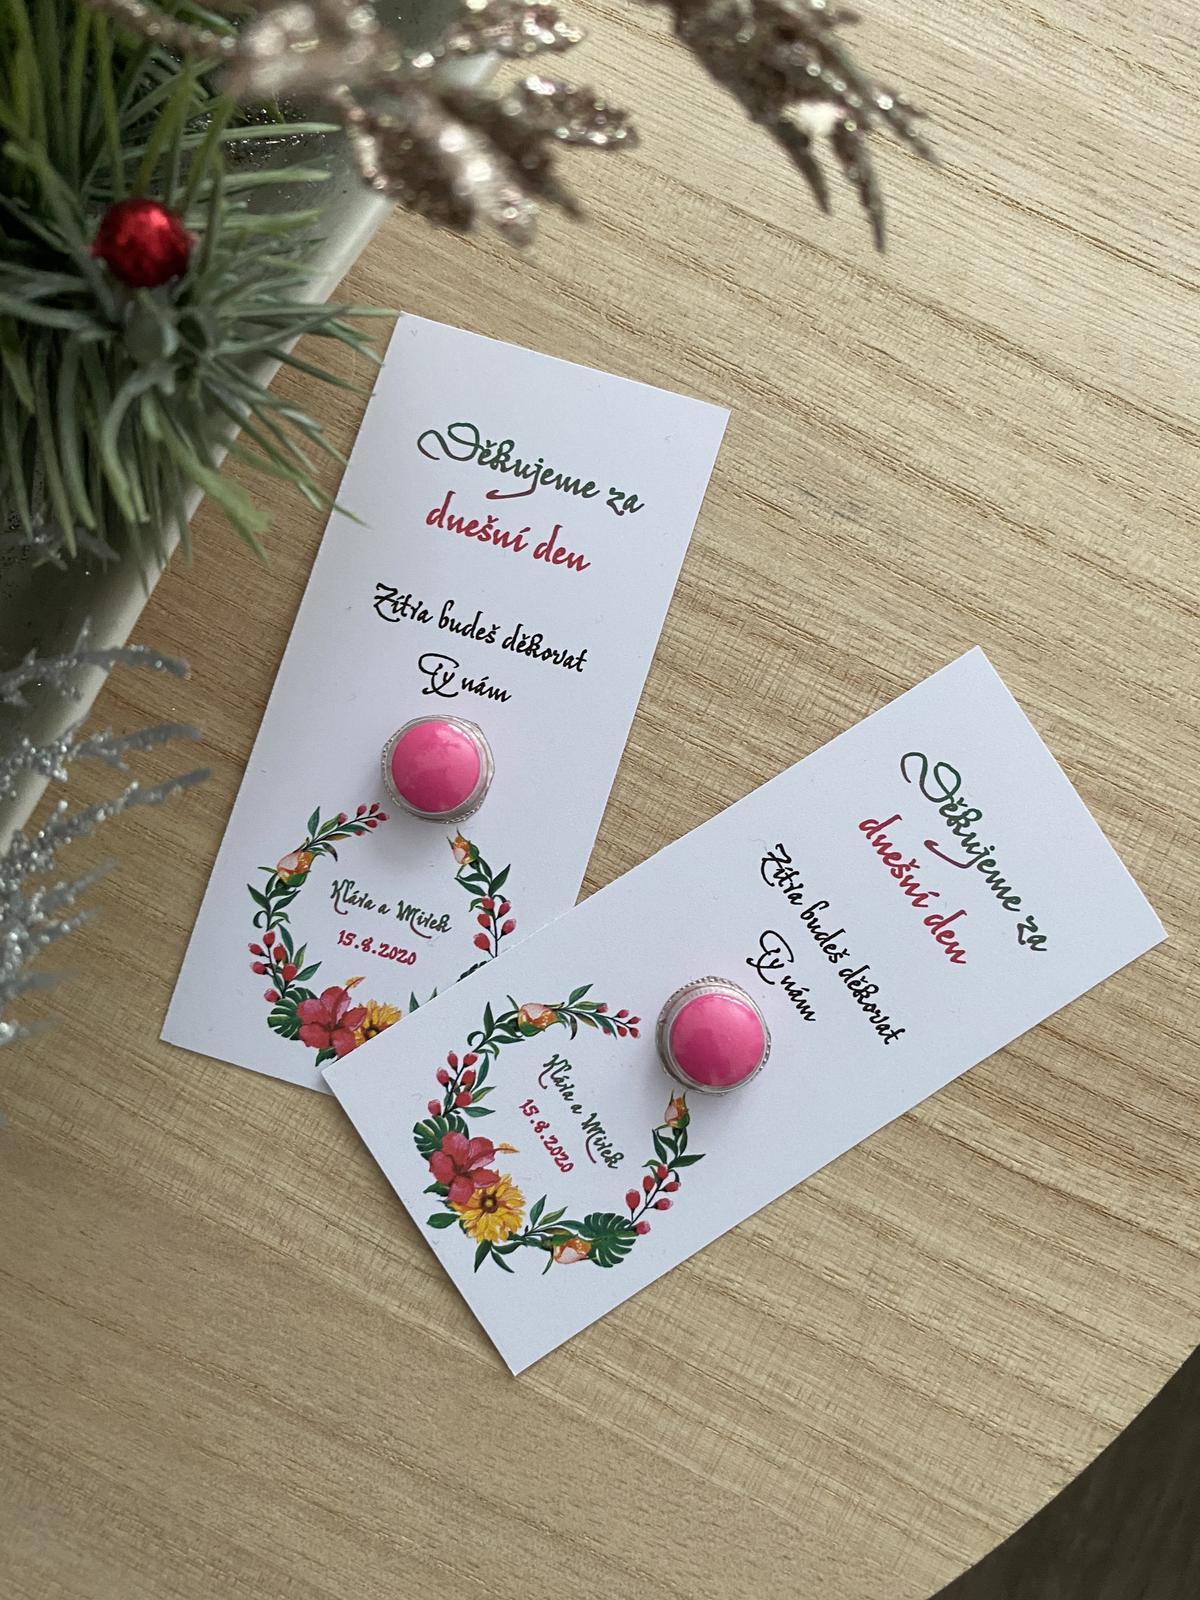 První pomoc po svatbě - malé dárky - Obrázek č. 1